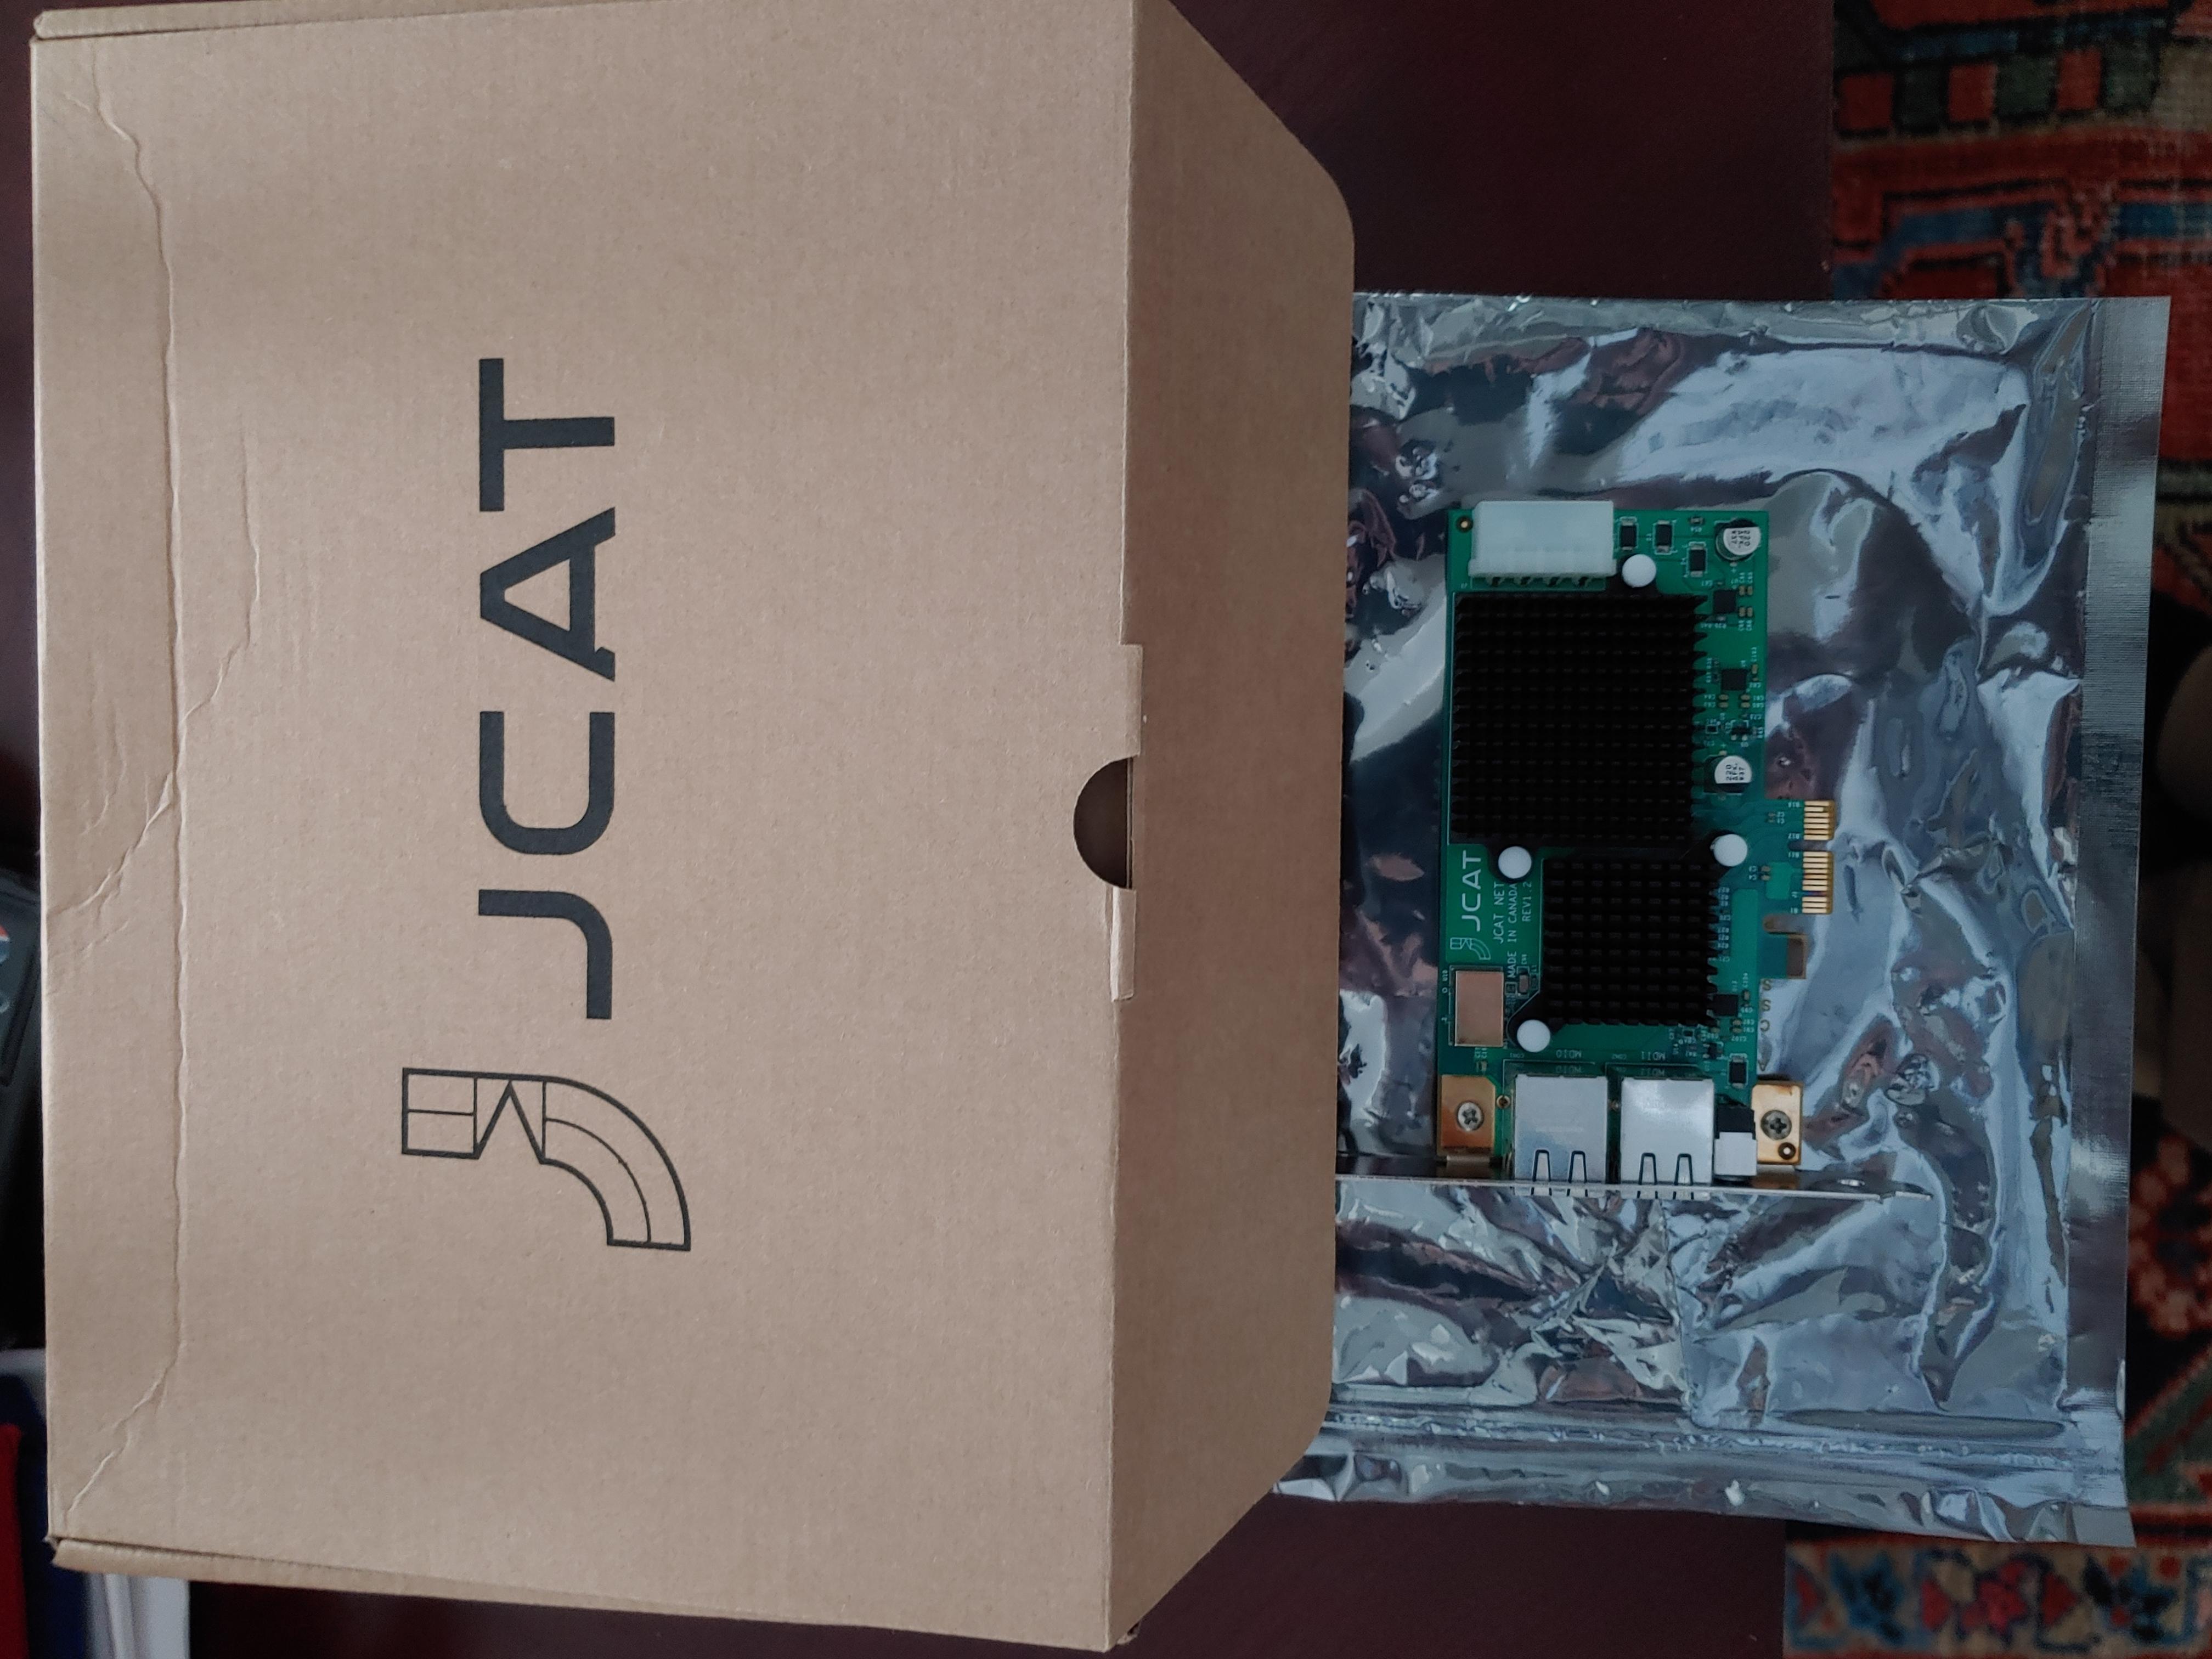 JCAT Net Card Femto (Rev 1.2)